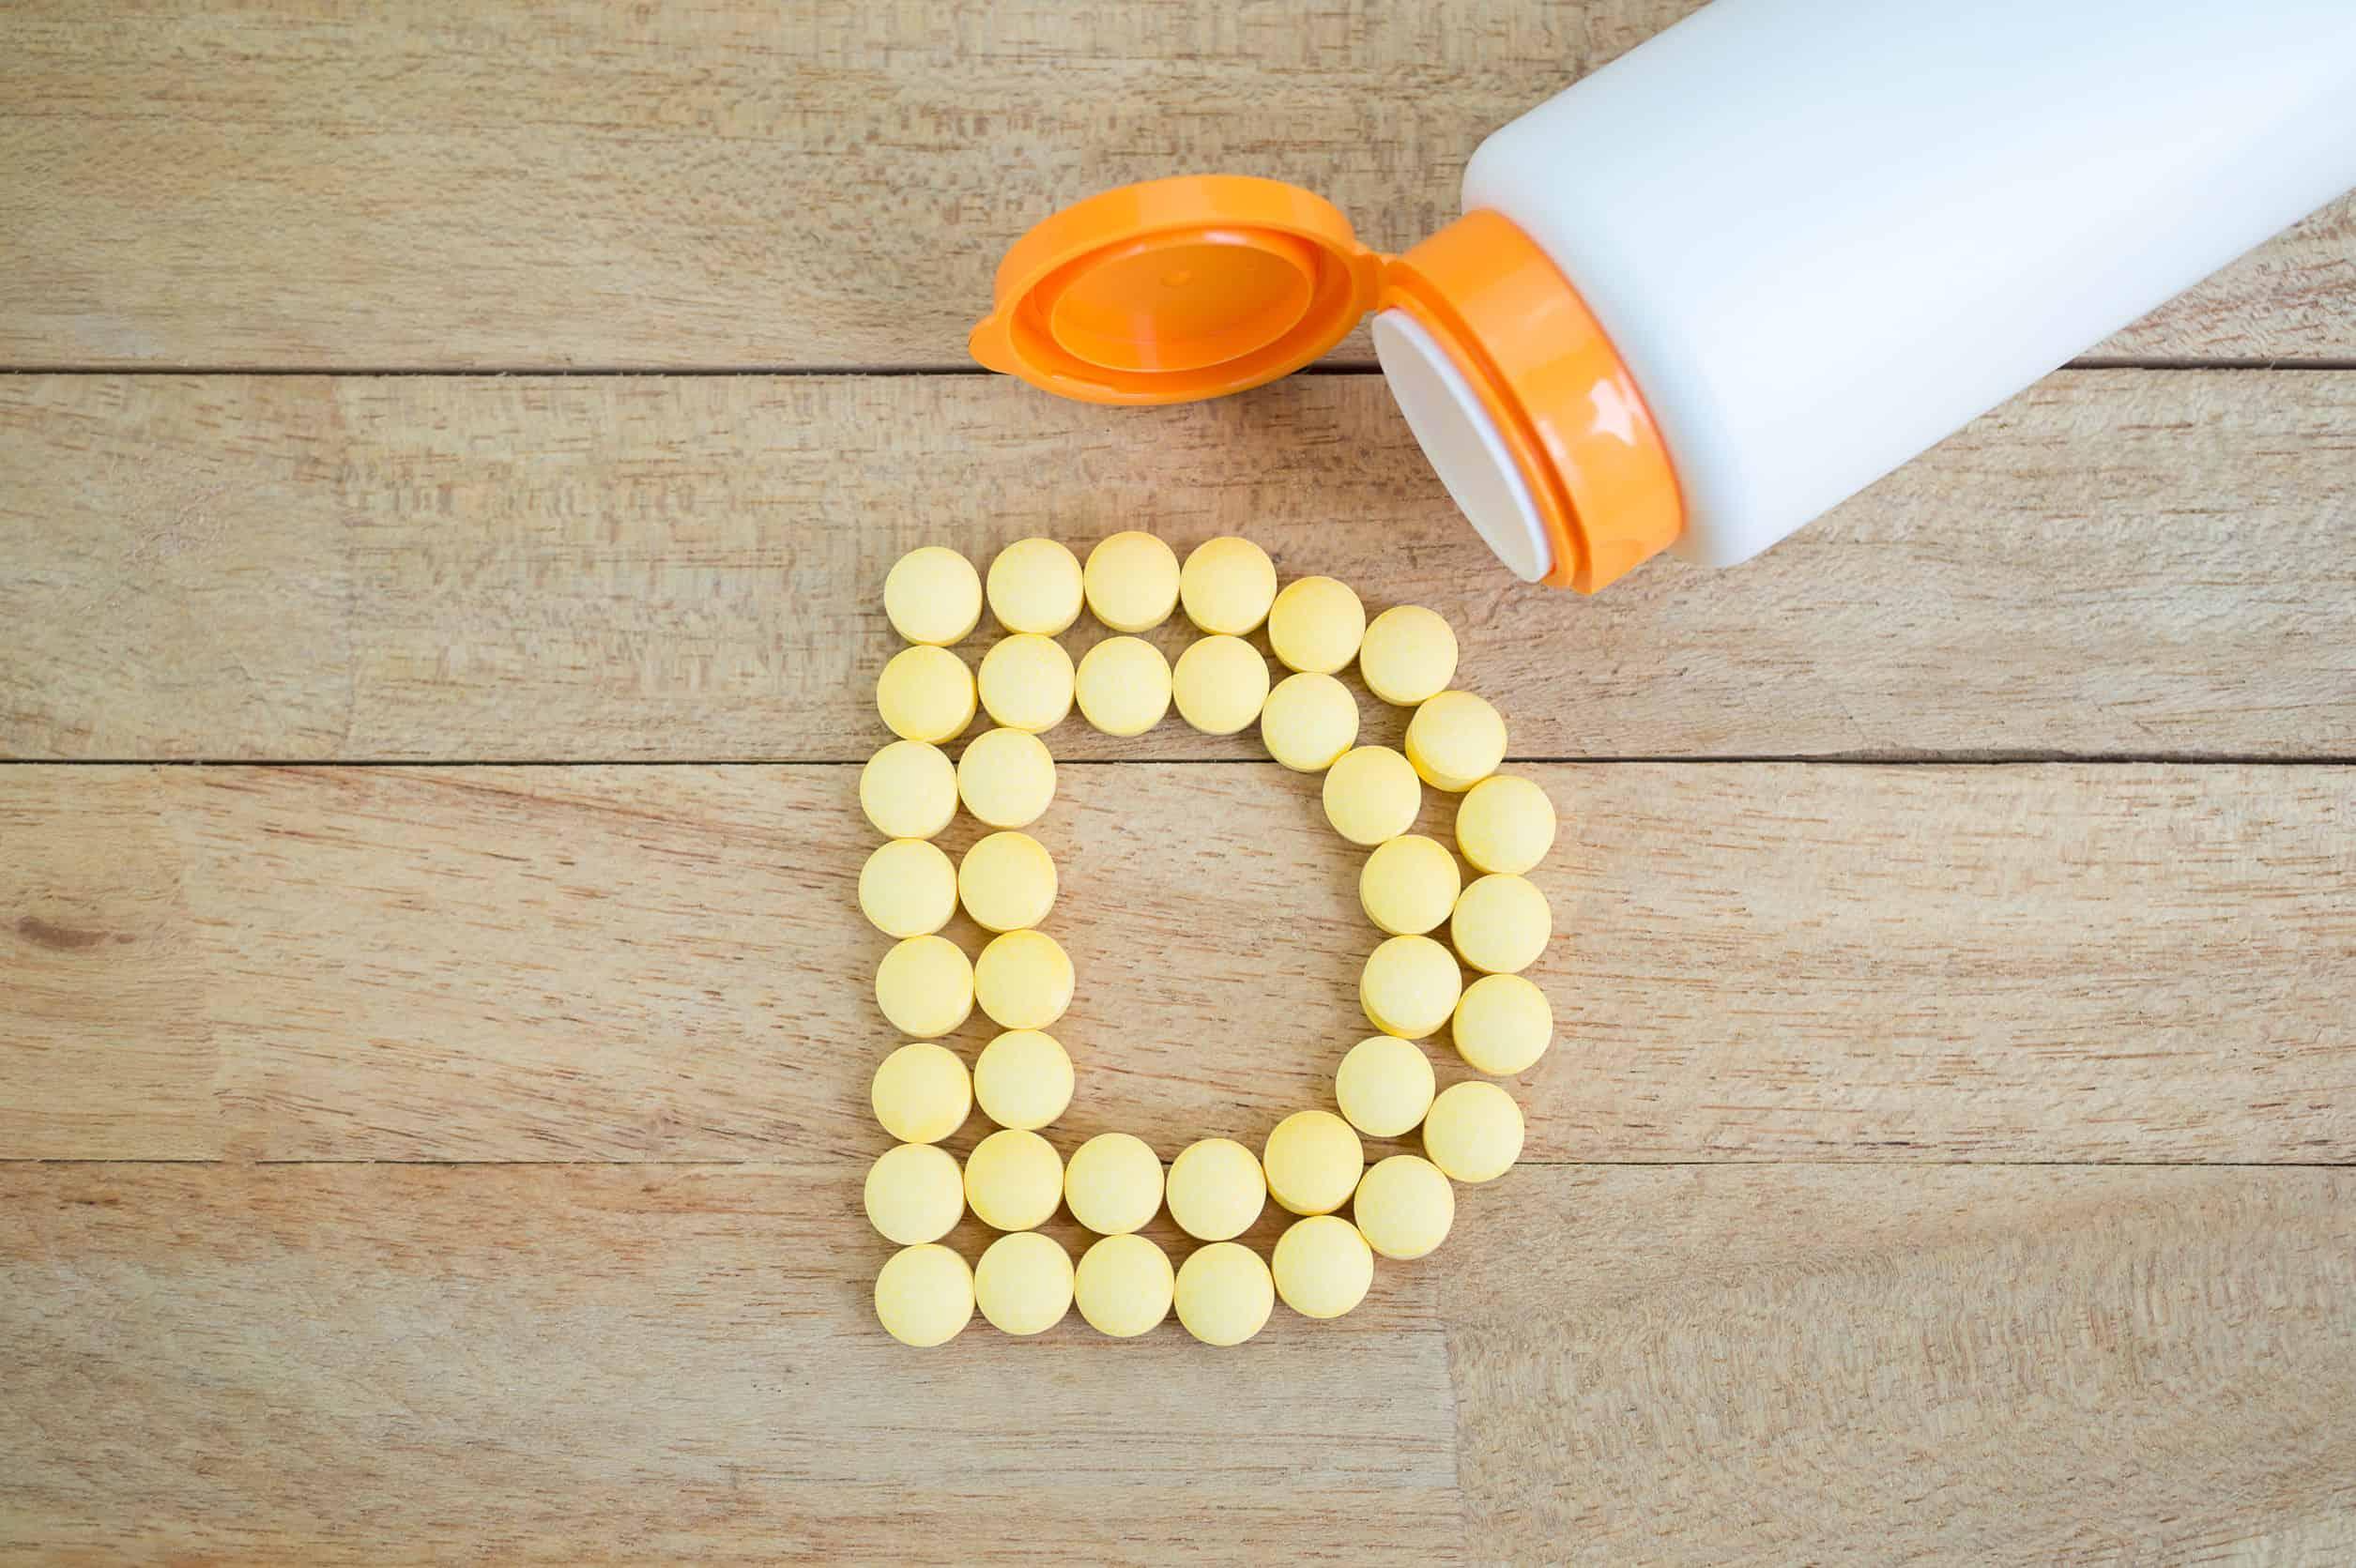 Miglior integratore di Vitamina D 2020: Guida all'acquisto